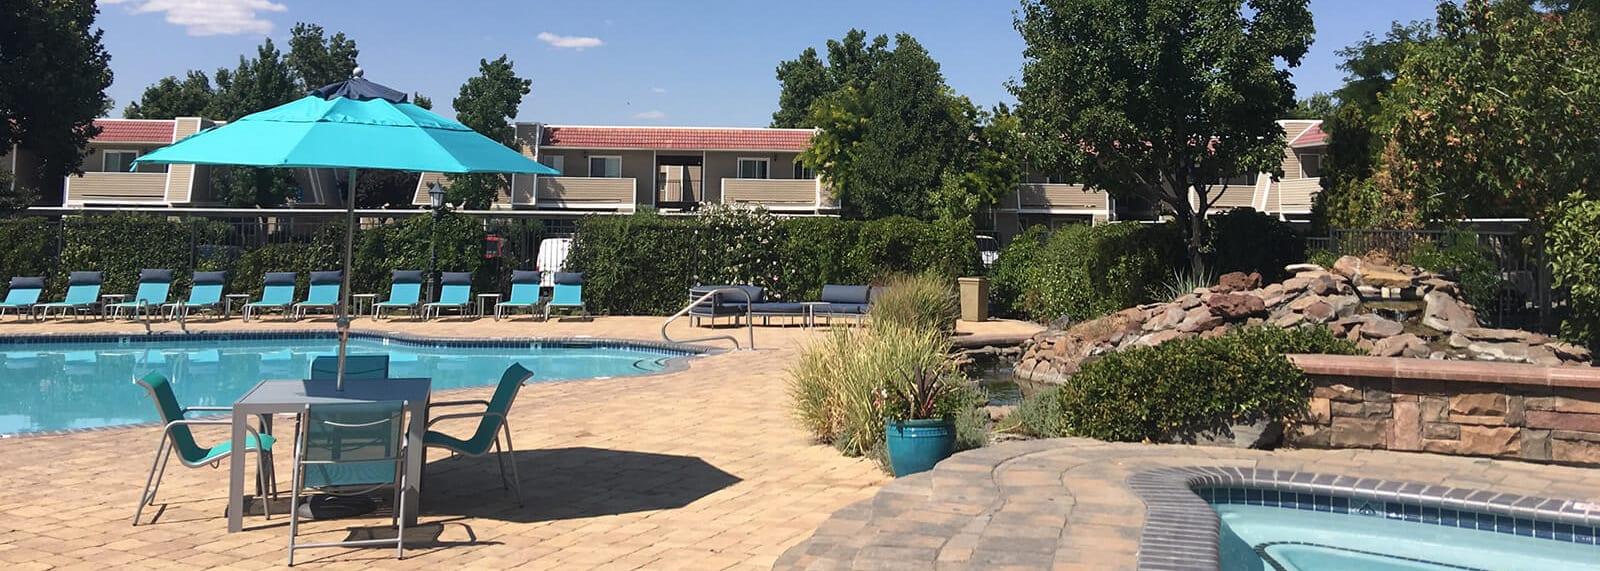 Pool and Spa at Reflections at the Marina, 89434